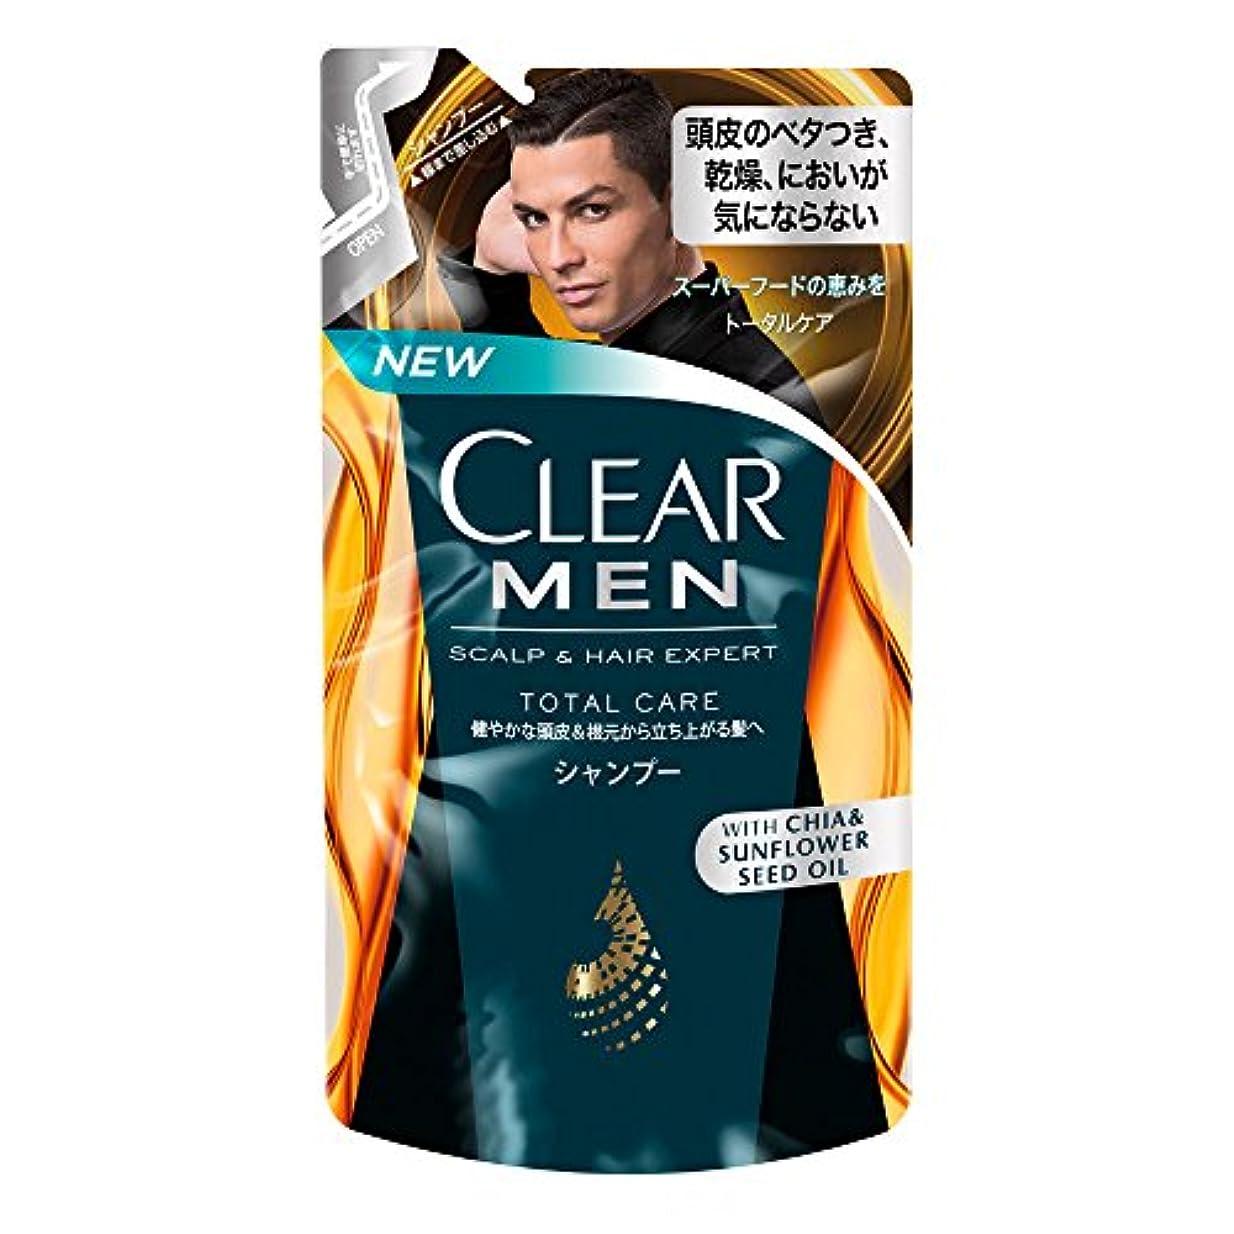 候補者一生嫌いクリア フォーメン トータルケア 男性用シャンプー つめかえ用 (健やかな頭皮へ) 280g